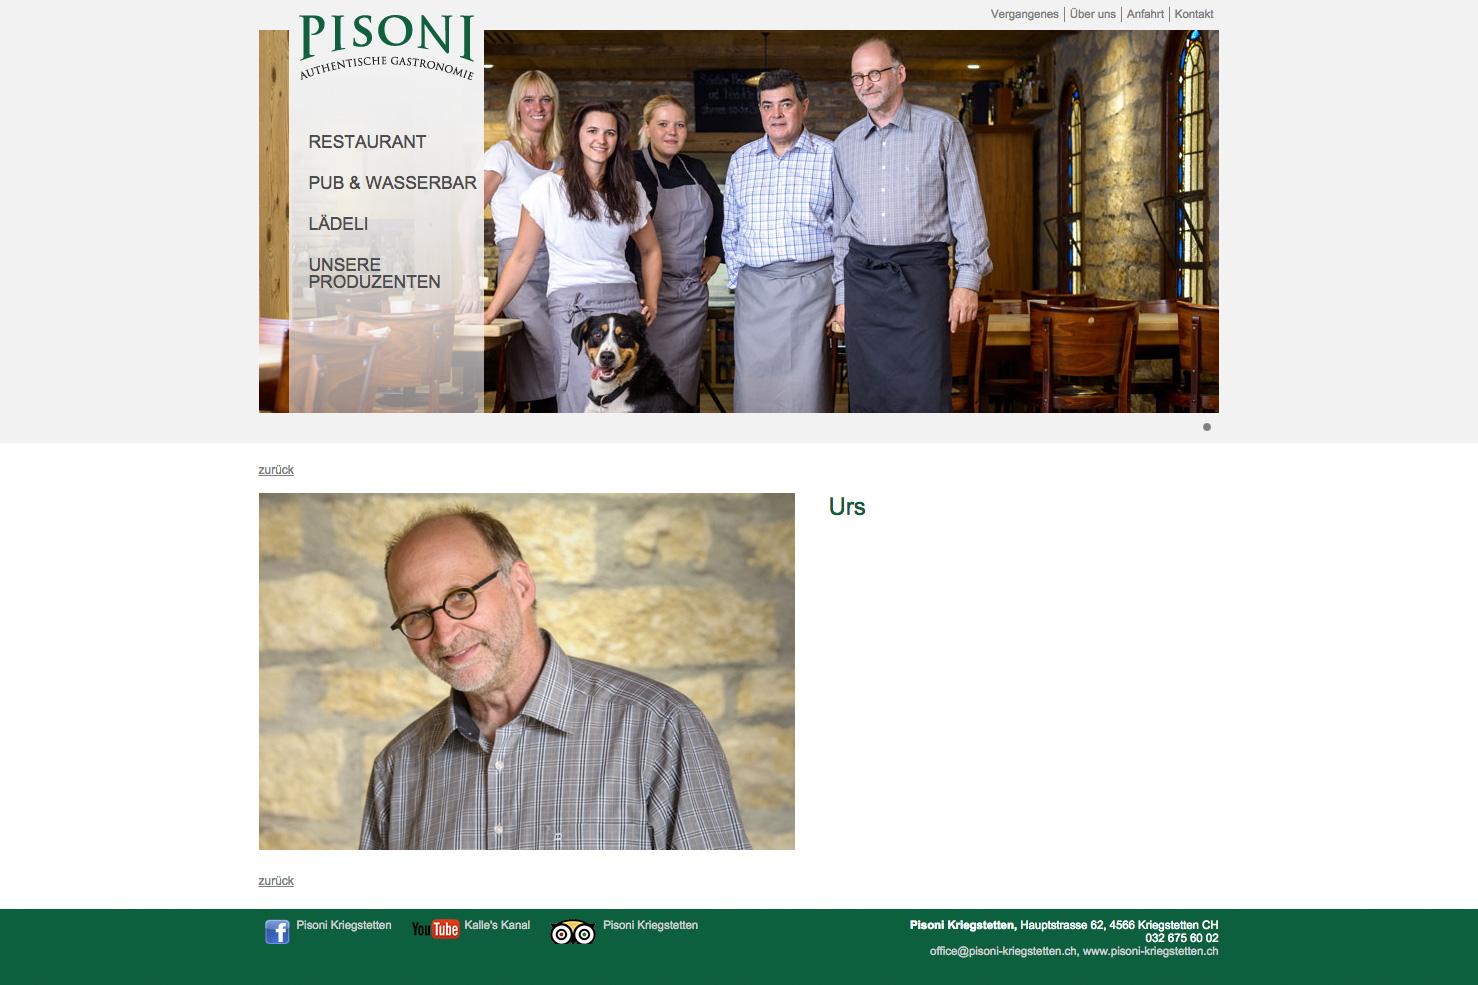 Bild 4 vom Pisoni Webseite